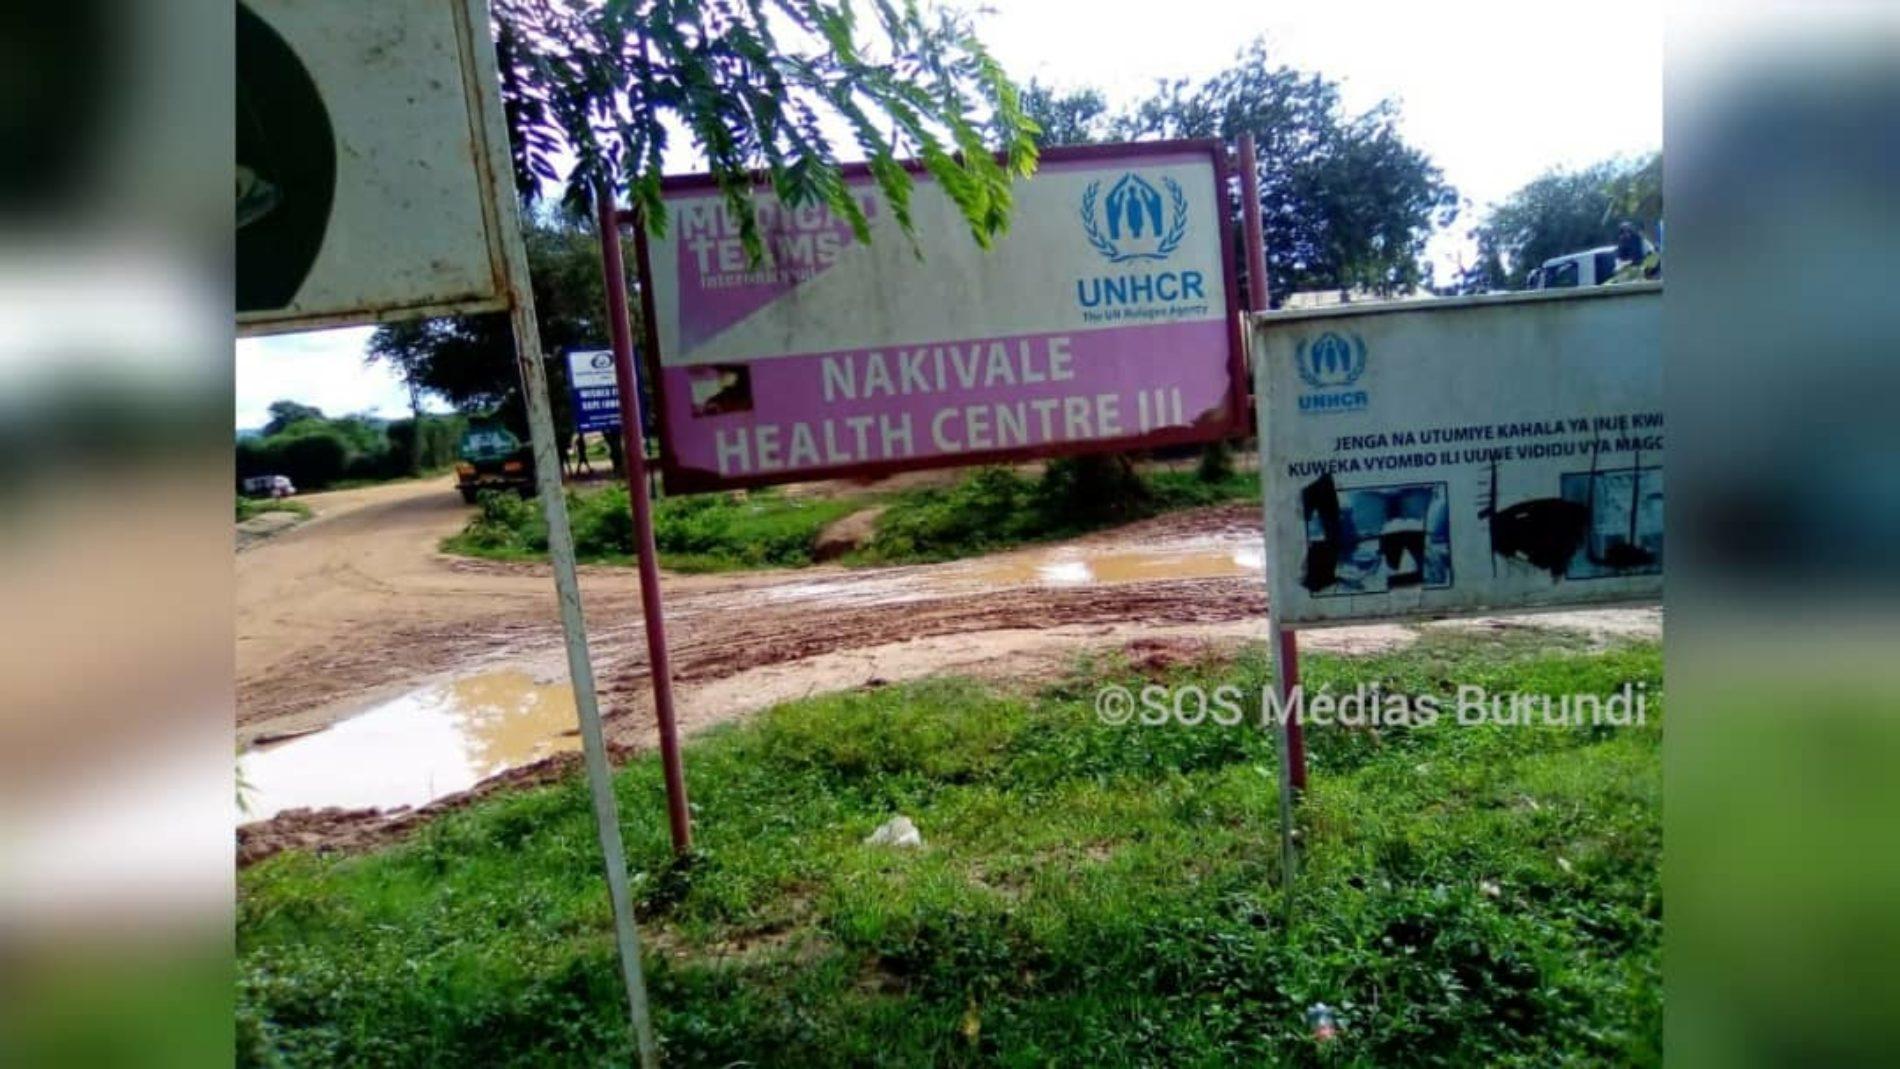 Nakivale (Ouganda) – Covid-19 : plus d'un millier de réfugiés vaccinés